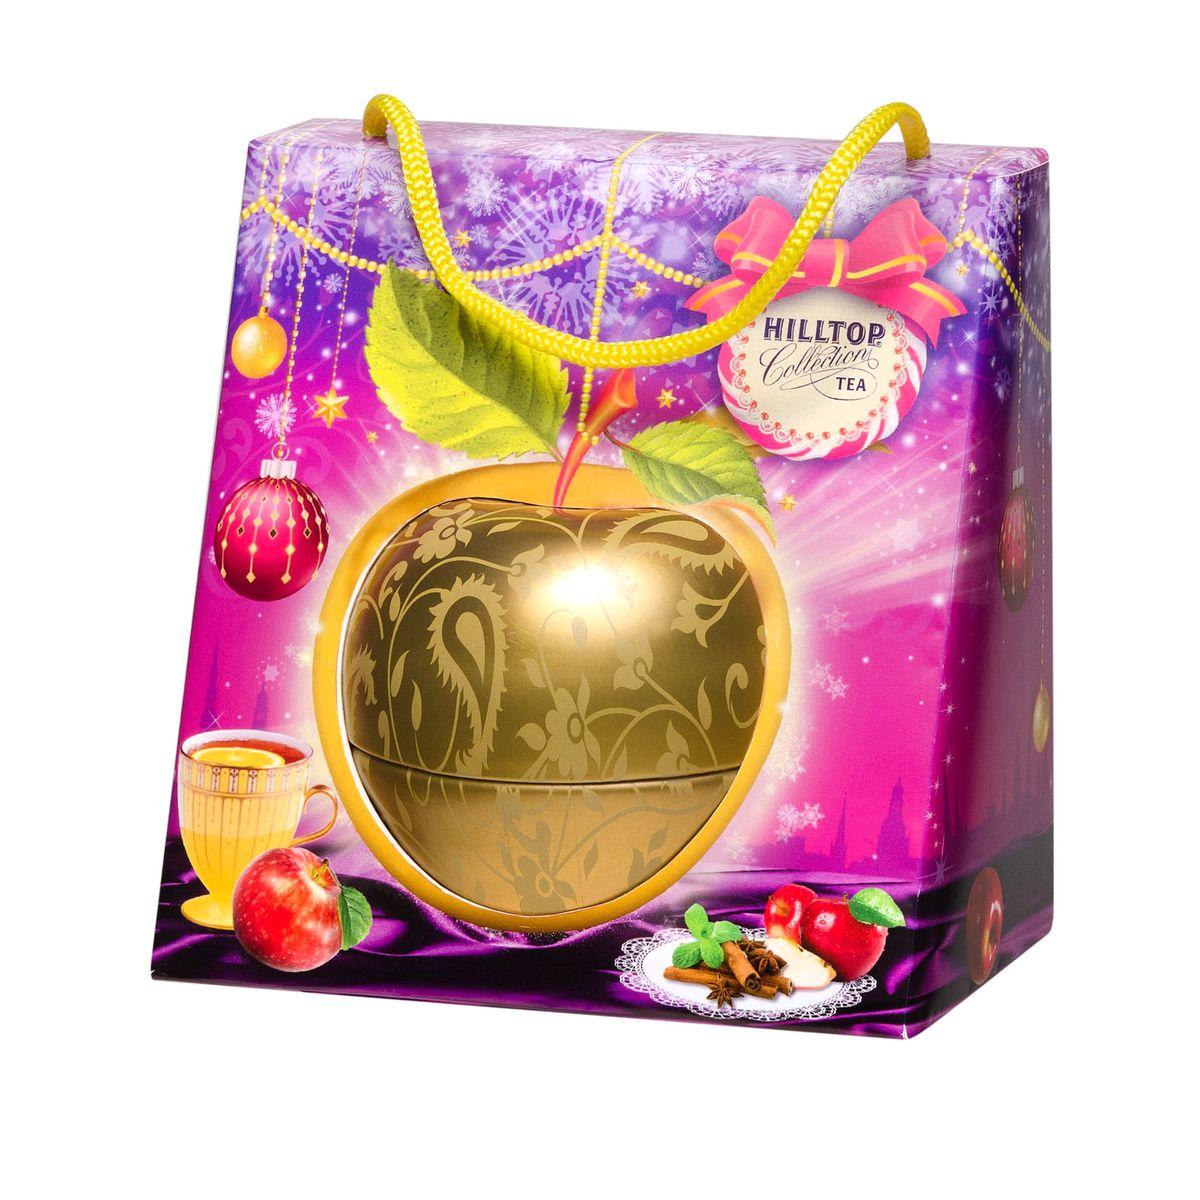 Hilltop Золотое яблочко черный листовой чай, 50 г4607099305793Крупнолистовой терпкий черный чай стандарта Супер Пеко Hilltop Золотое яблочкособран на лучших плантациях острова Цейлон. Этот чай с терпким настоем и ярким ароматом безусловно будет украшением новогоднего чаепития, а также отличным подарком вашим близким! Яркая подарочная упаковка не оставит равнодушным ни одного человека!